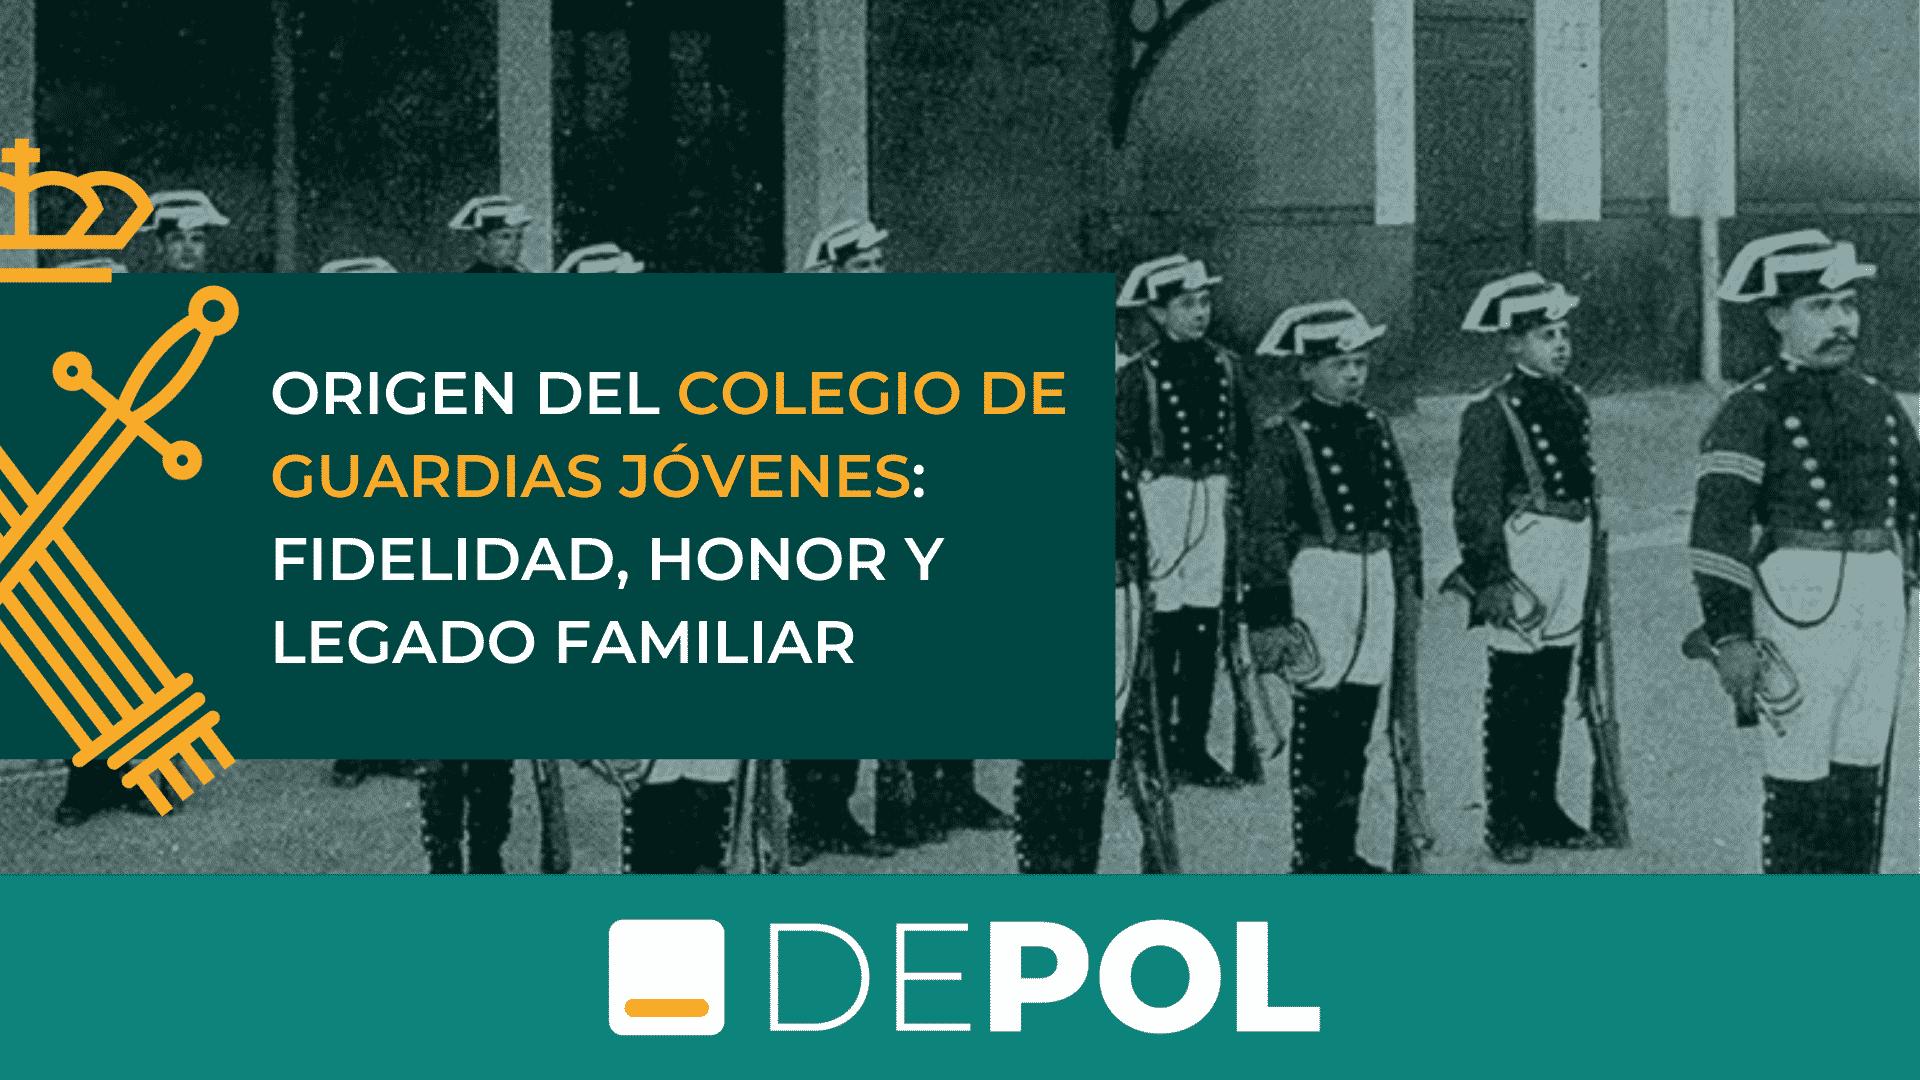 La Guardia Civil, una institución con un legado de principios y valores arraigados